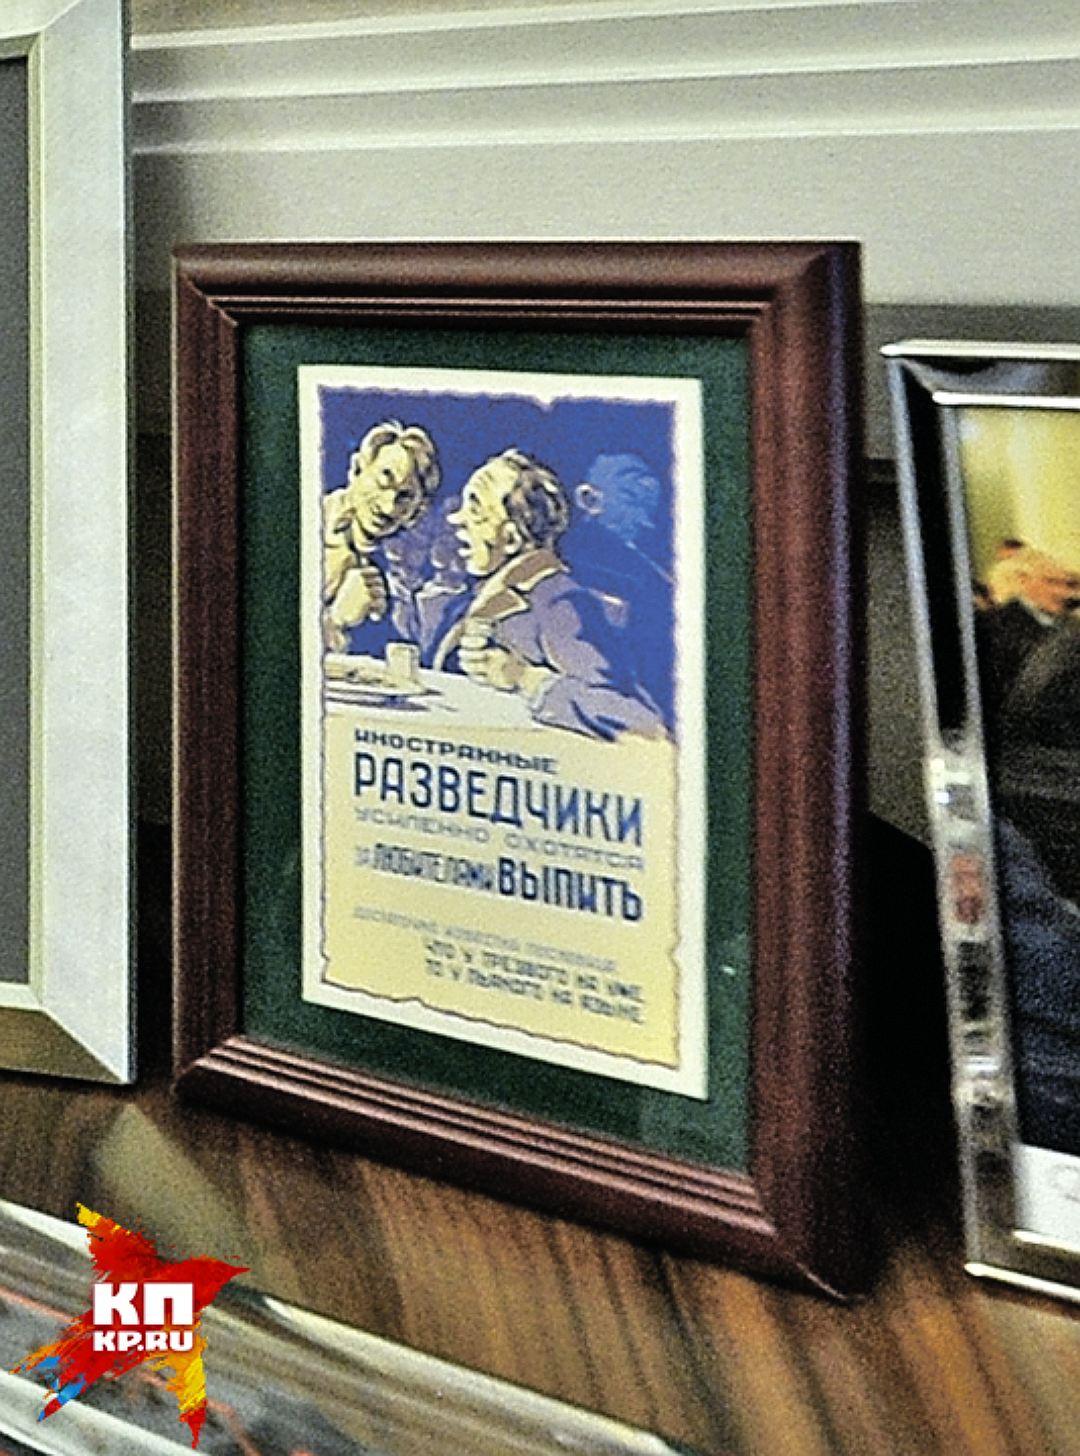 В рабочем кабинете Иванова, который долго служил в разведке, есть шуточный советский плакат с таким текстом: «Иностранные разведчики усиленно охотятся за любителями выпить». Фото: Евгения ГУСЕВА